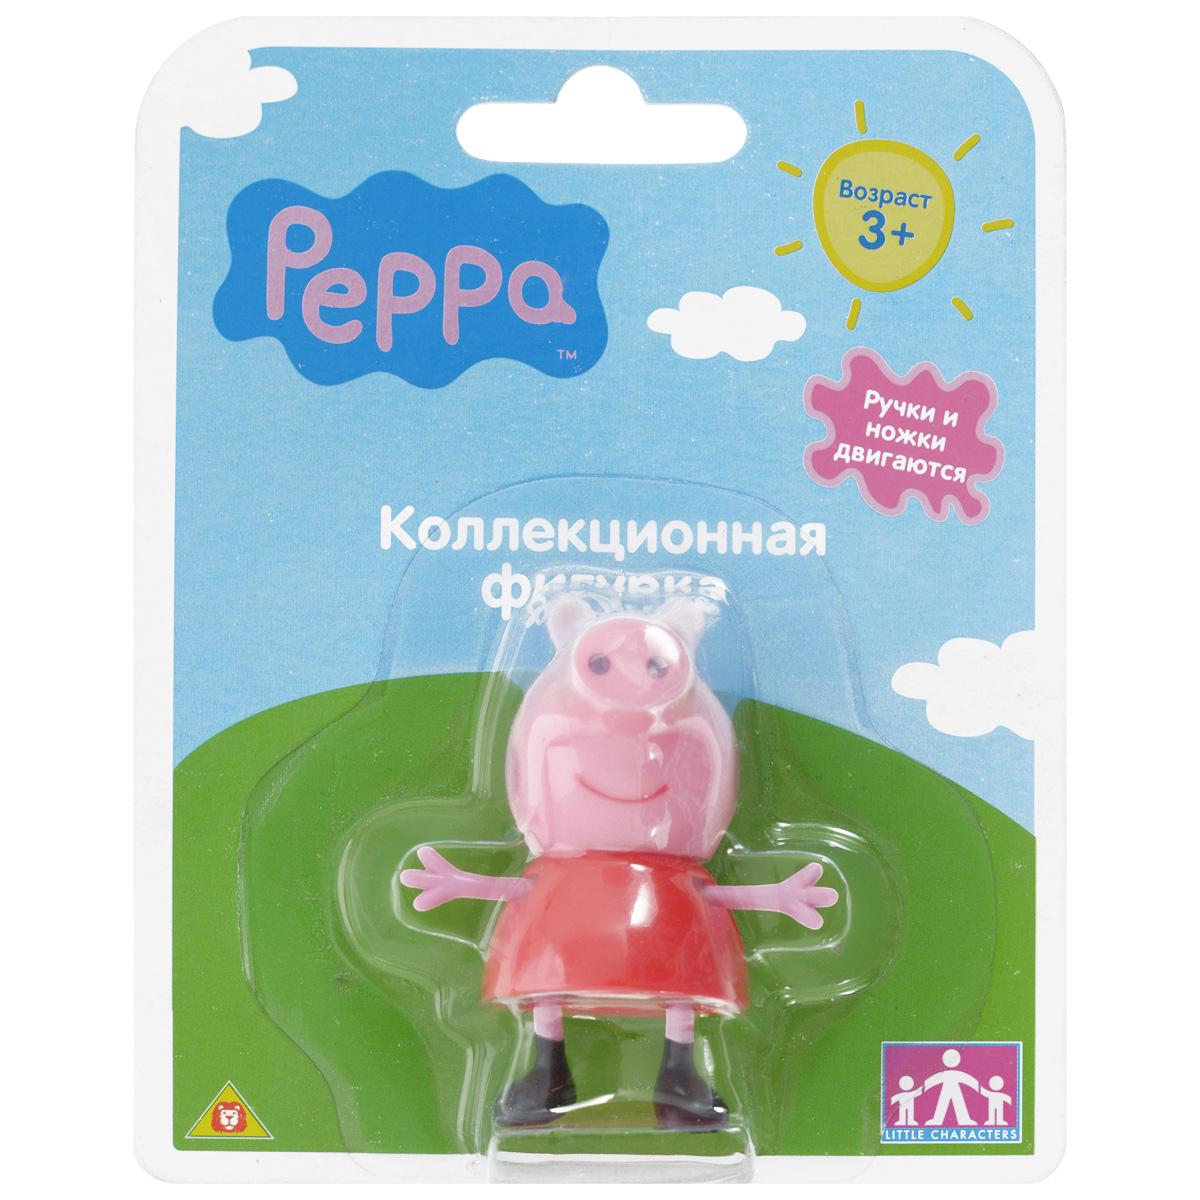 Фигурка Peppa Pig Любимый персонаж. Хрюша, цвет: красный15555_красныйФигурка Peppa Pig Любимый персонаж. Хрюша, созданная по мотивам мультсериала Peppa Pig привлечет внимание вашего малыша и станет для него любимой игрушкой, он будет часами играть с фигуркой, придумывая различные истории с участием любимого героя. Ручки и ножки фигурки подвижны. Игра с фигуркой разовьет воображение, мелкую моторику рук ребенка, поможет овладеть навыками общения и научит ролевым играм. Порадуйте его таким замечательным подарком! Пеппа - это веселая свинка из доброго, смешного и познавательного мультипликационного сериала Peppa Pig. Она играет с братиком Джорджем и своими друзьями, обожает прыгать в лужах, наряжаться. Каждая серия - это новое приключение свинки, которое несет полезные знания маленьким зрителям. А теперь они могут не только смотреть на этих забавных персонажей, но и играть с ними! Дети будут рады перевоплотиться в свинку Пеппу, маленького Джорджа, овечку Сьюзи или кролика Ребекку. Такая сюжетно-ролевая игра - настоящая...